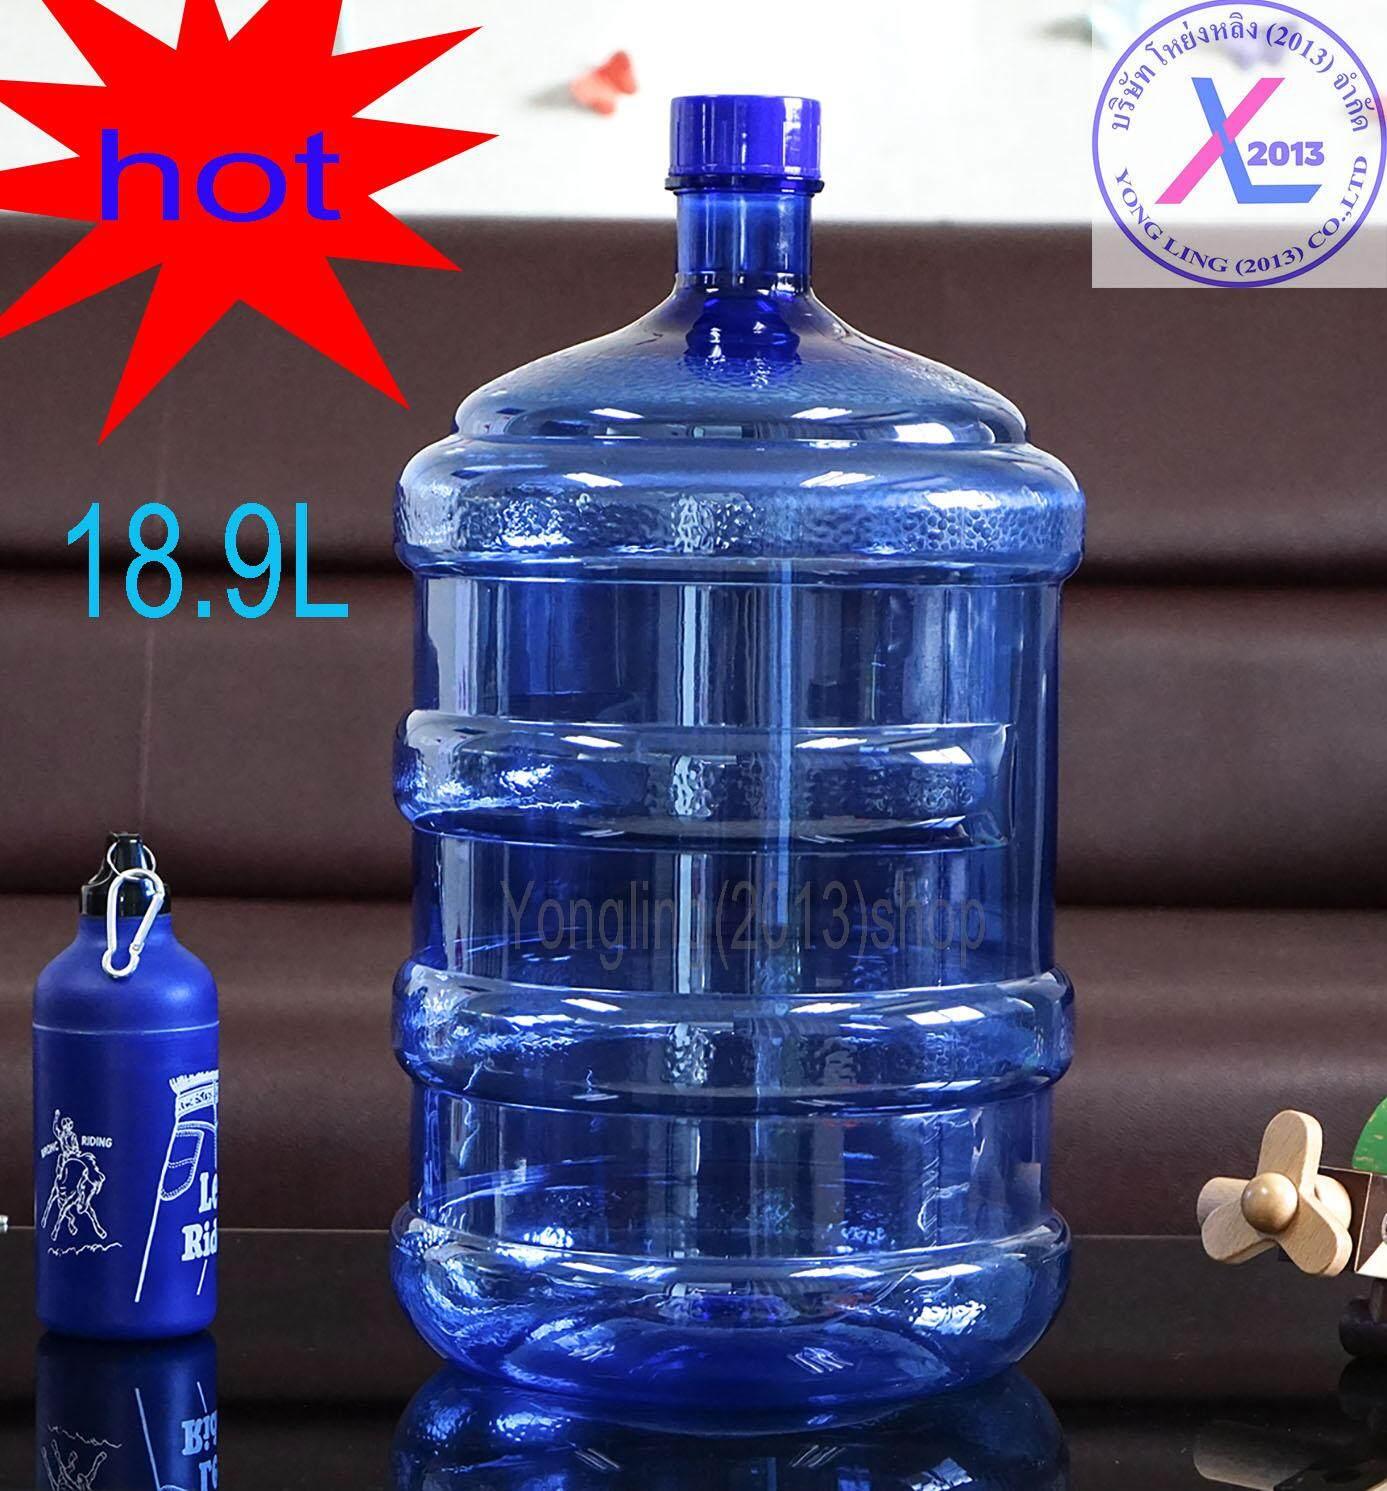 ถังน้ำดื่ม Pet ขนาด 18.9 ลิตร ถังฝาเกลียว สำหรับใส่น้ำดื่ม สีน้ำเงิน Drinking Water Bottle.